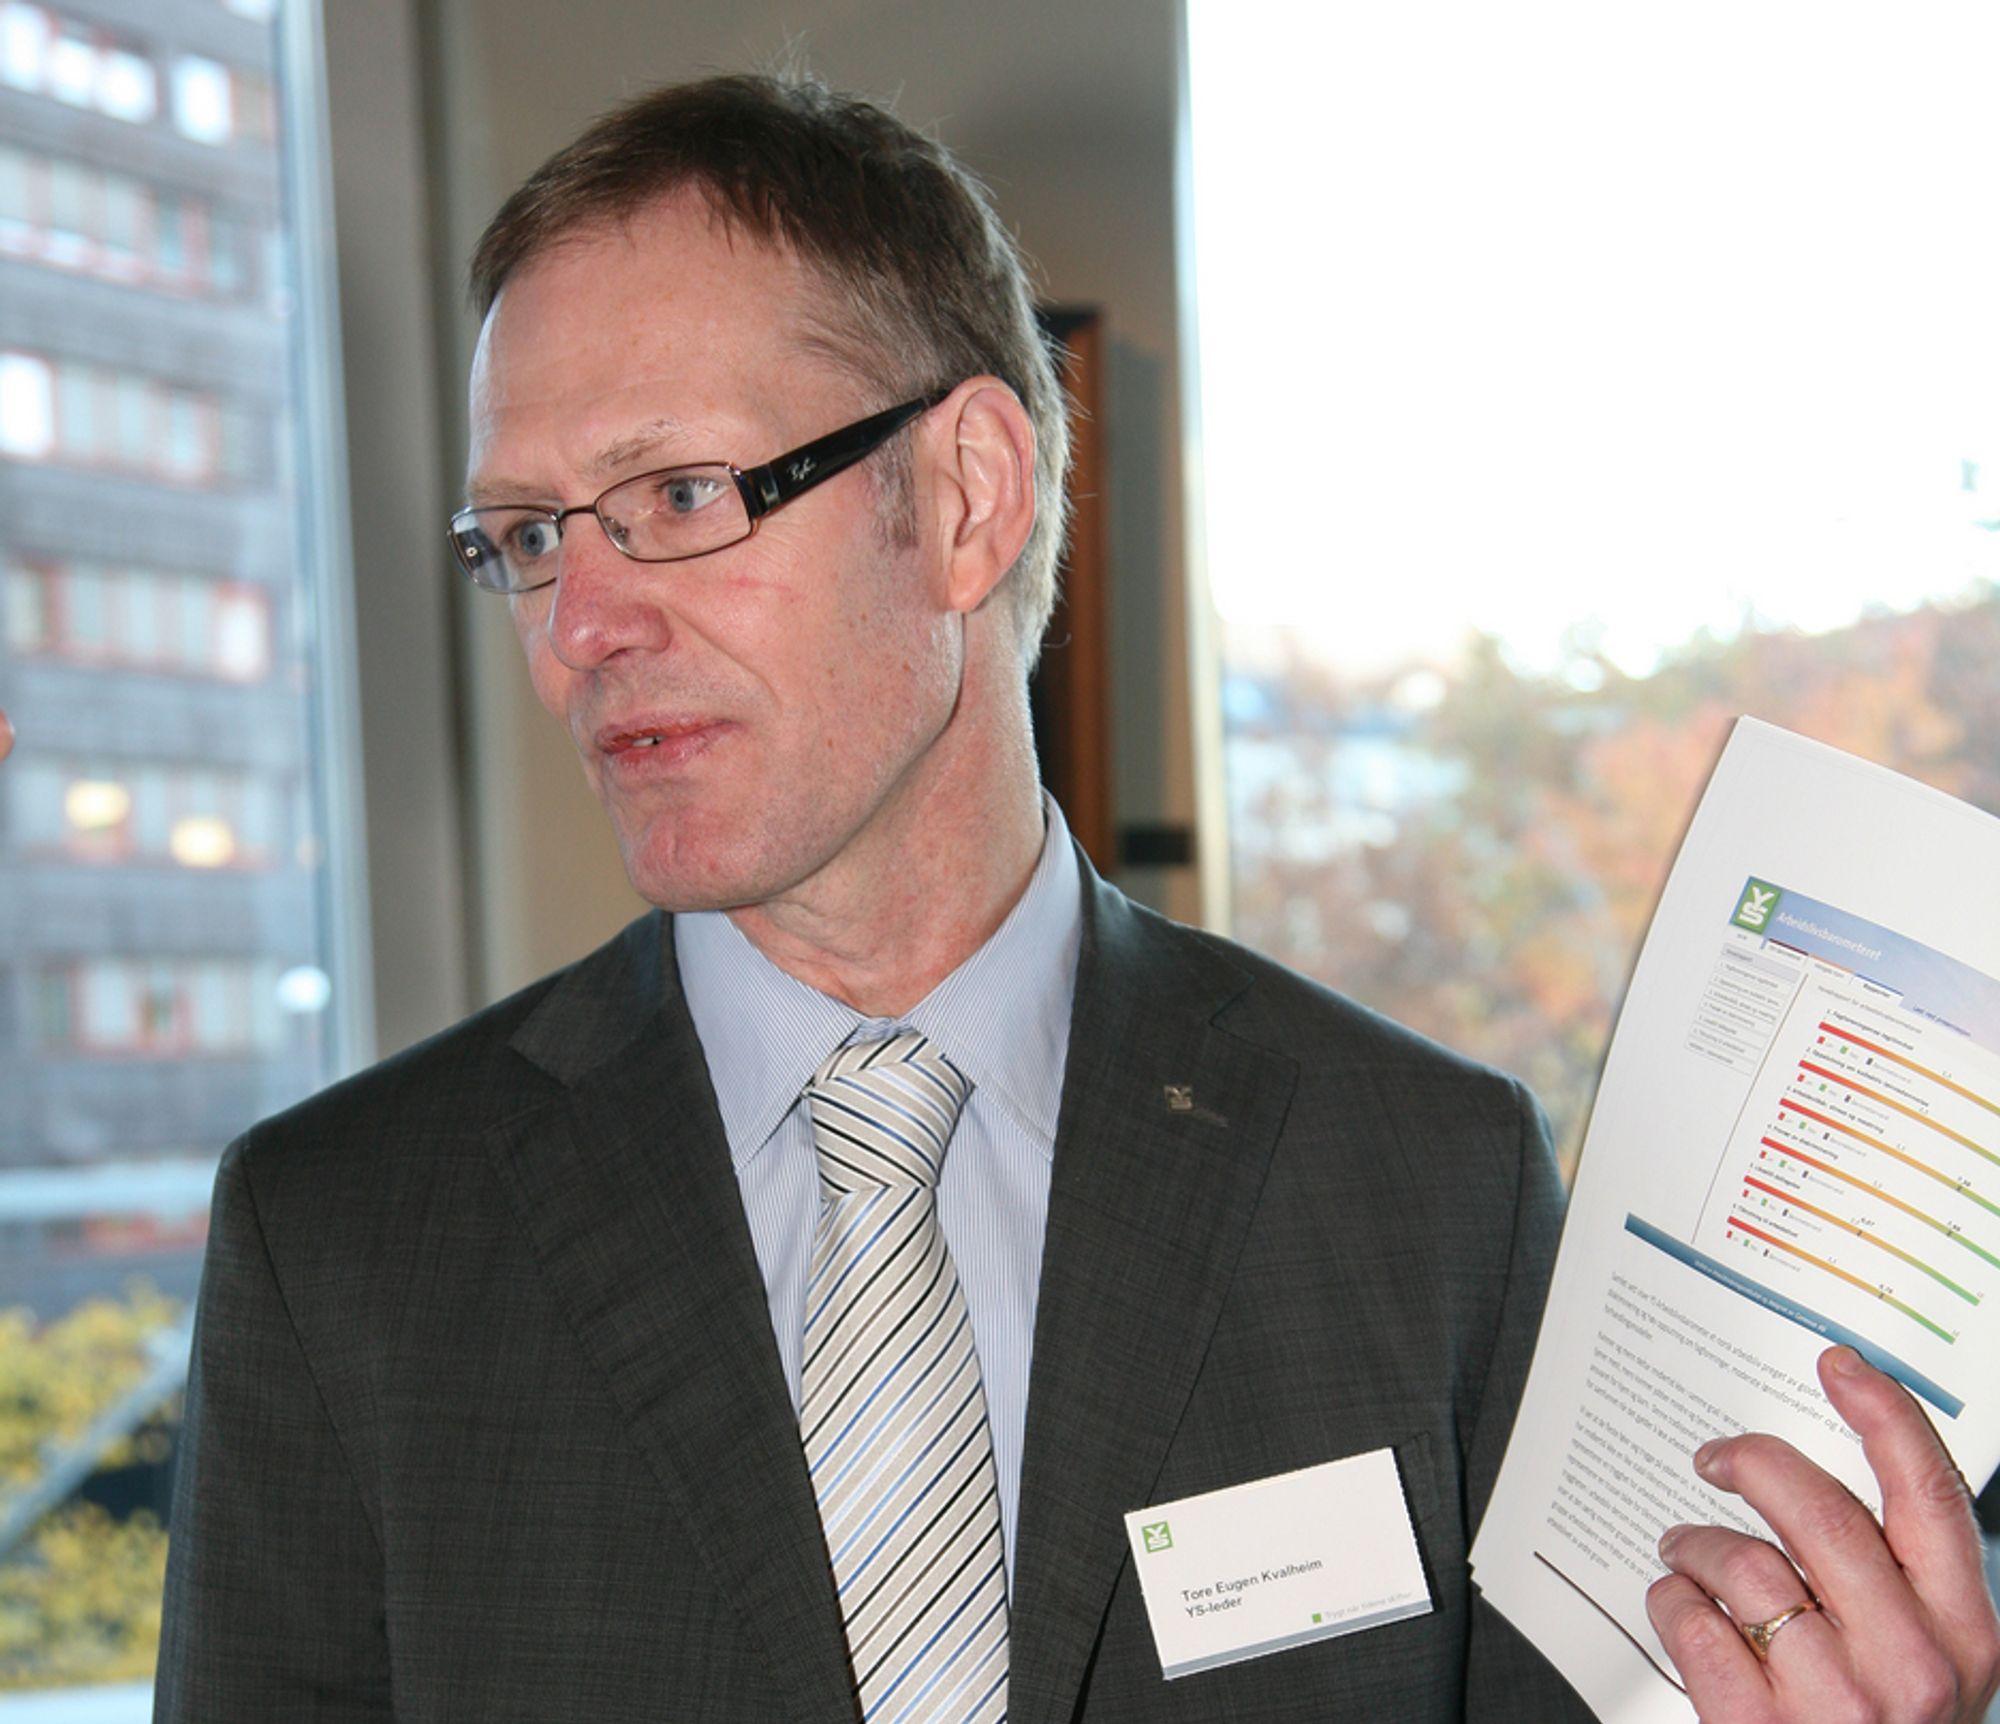 KRITISK: YS-leder Tore Eugen Kvalheim mener Statoil har overdreven tro på skjemaer i vurdering av ansatte.